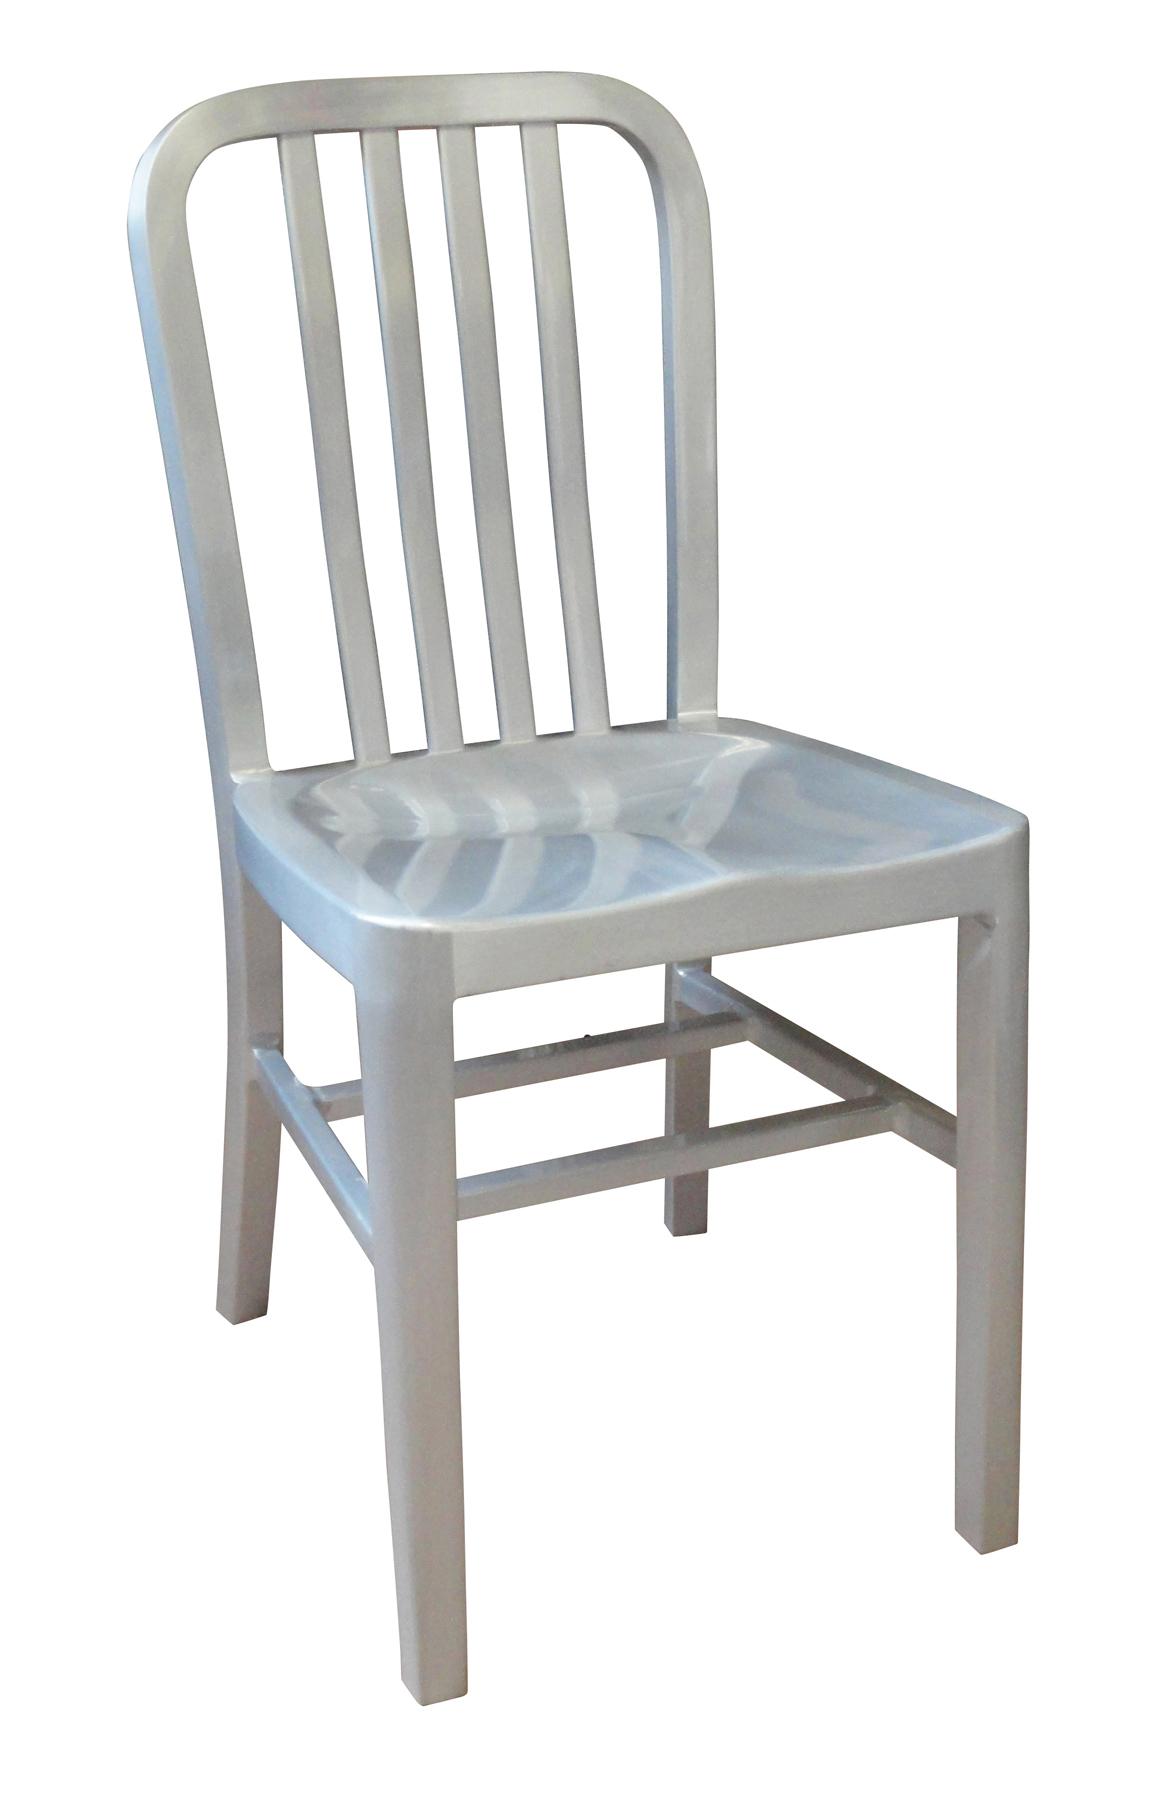 Gentil Retro Aluminum Chairs Retro Aluminum Chairs Best Home Design 2018